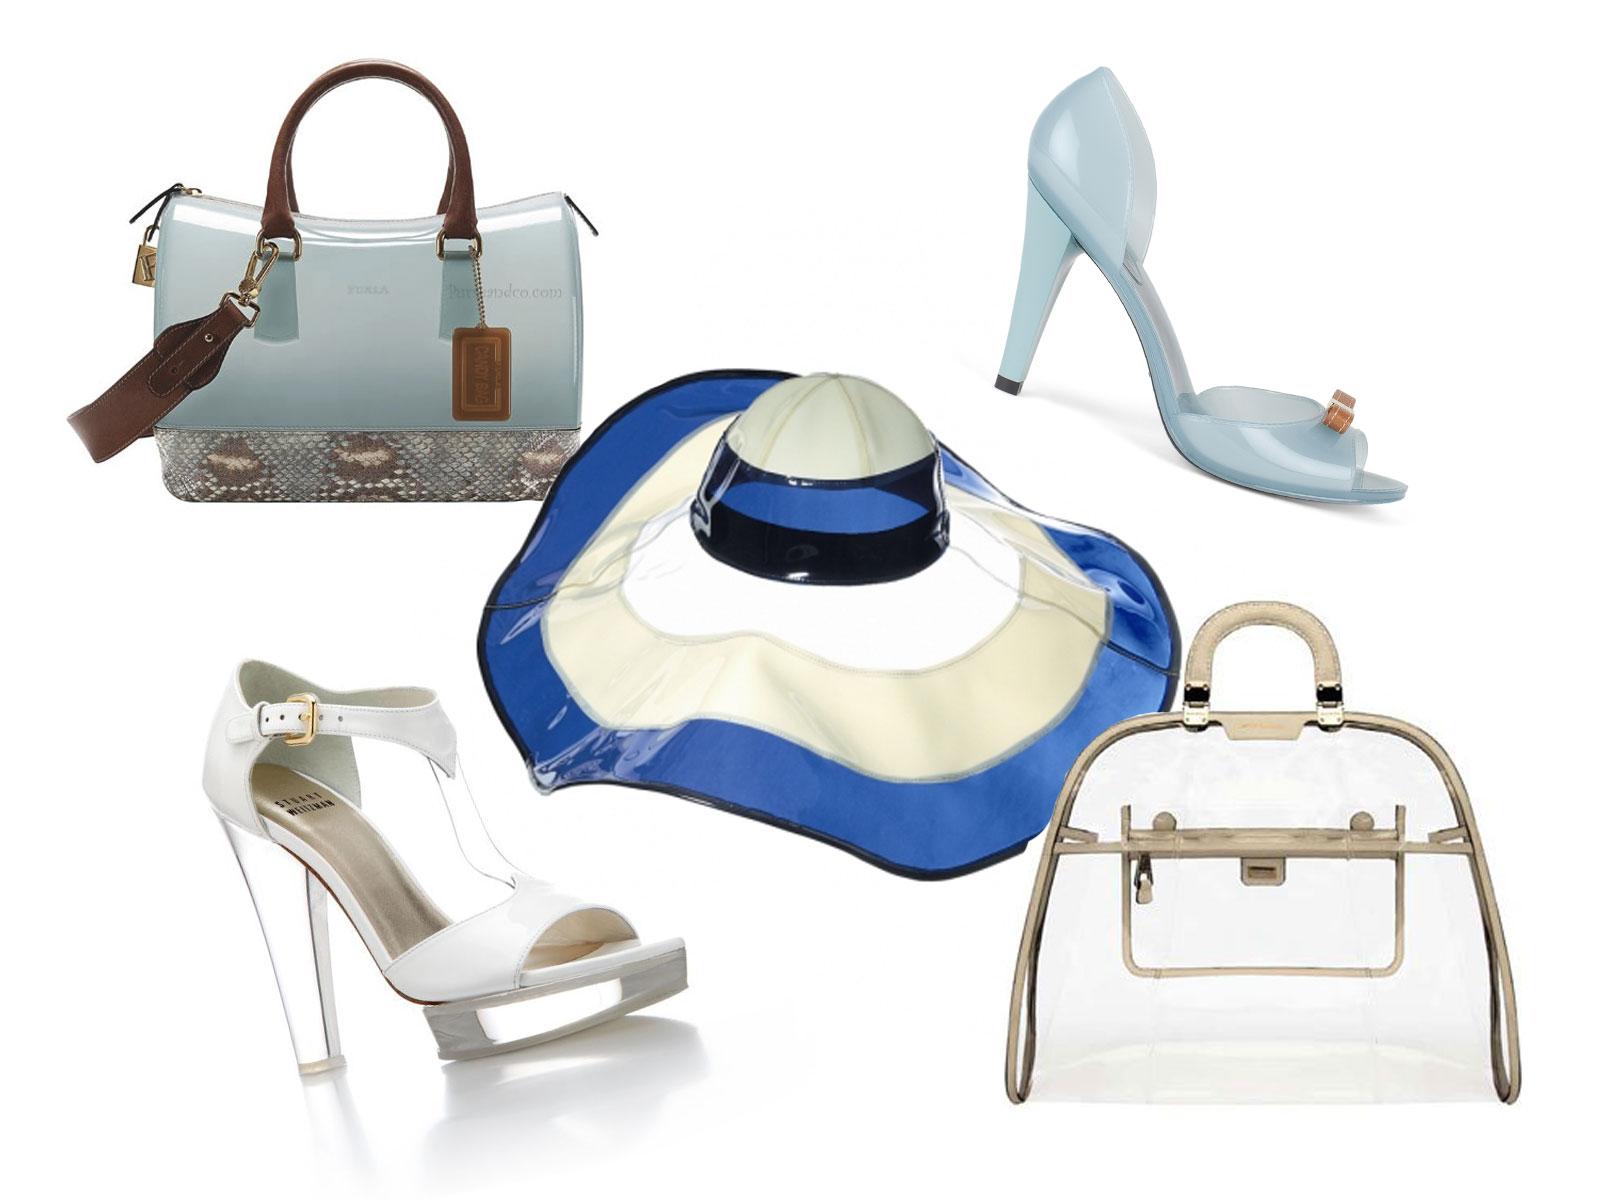 Borse Di Moda In Plastica : Una moda di plastica scarpe borse e accessori da spiaggia